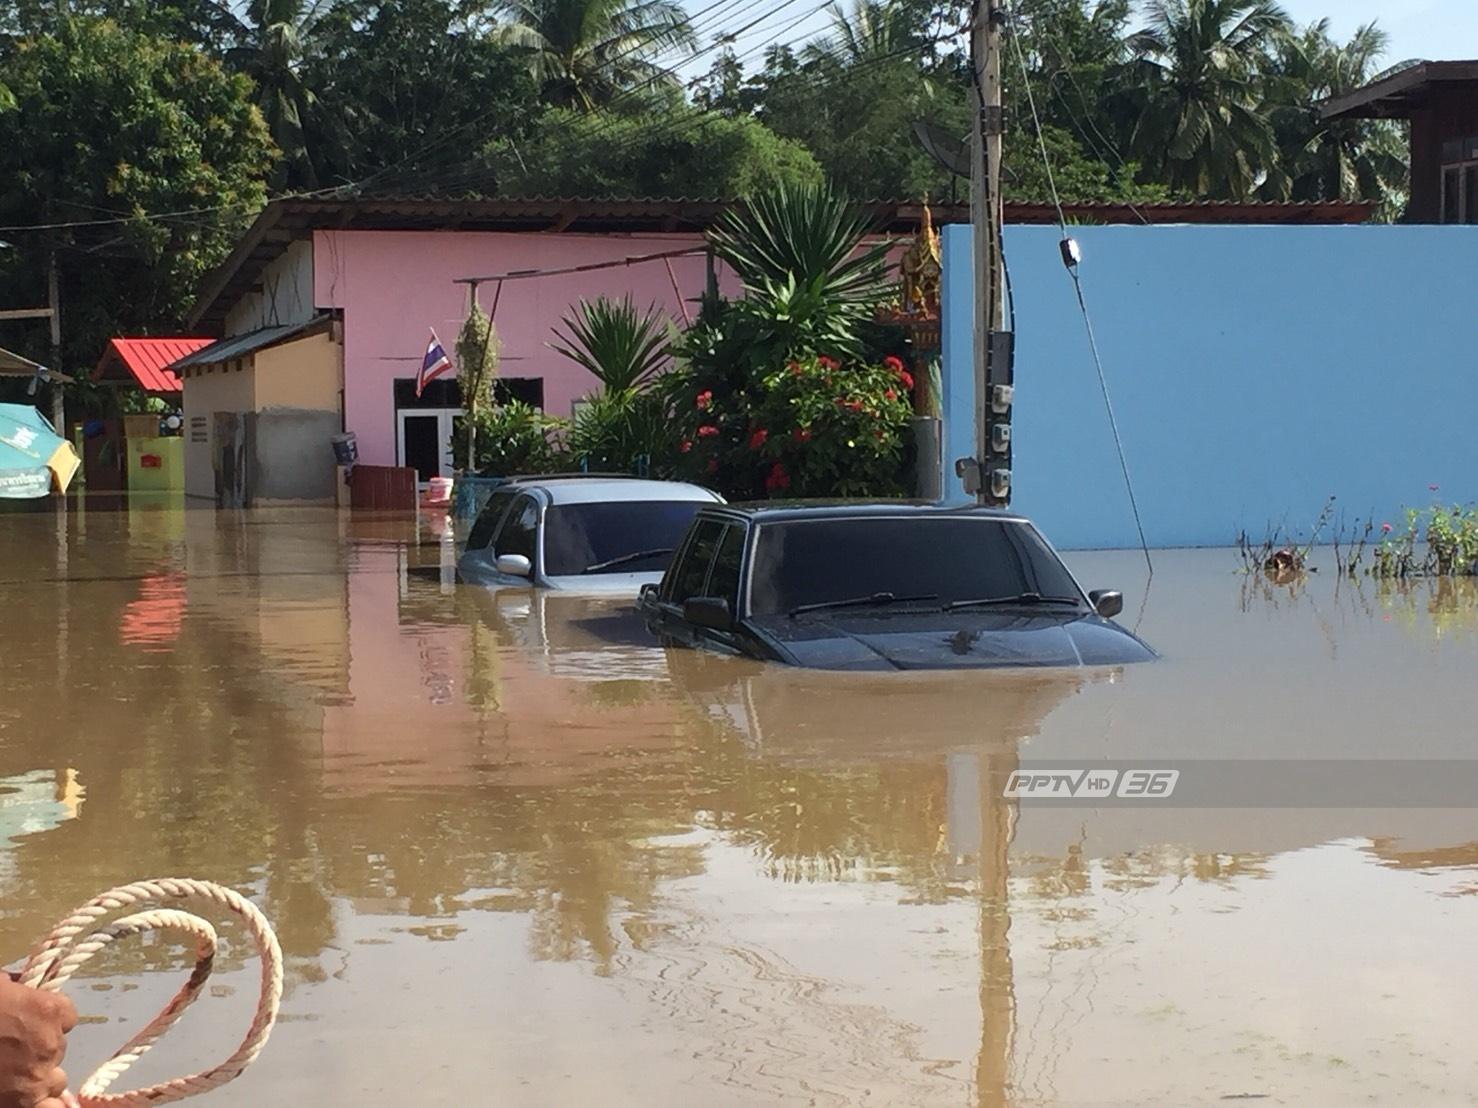 อ.เมืองเพชรบุรีเตรียมรับมวลน้ำสมทบเพิ่มอีกระลอกคืนนี้